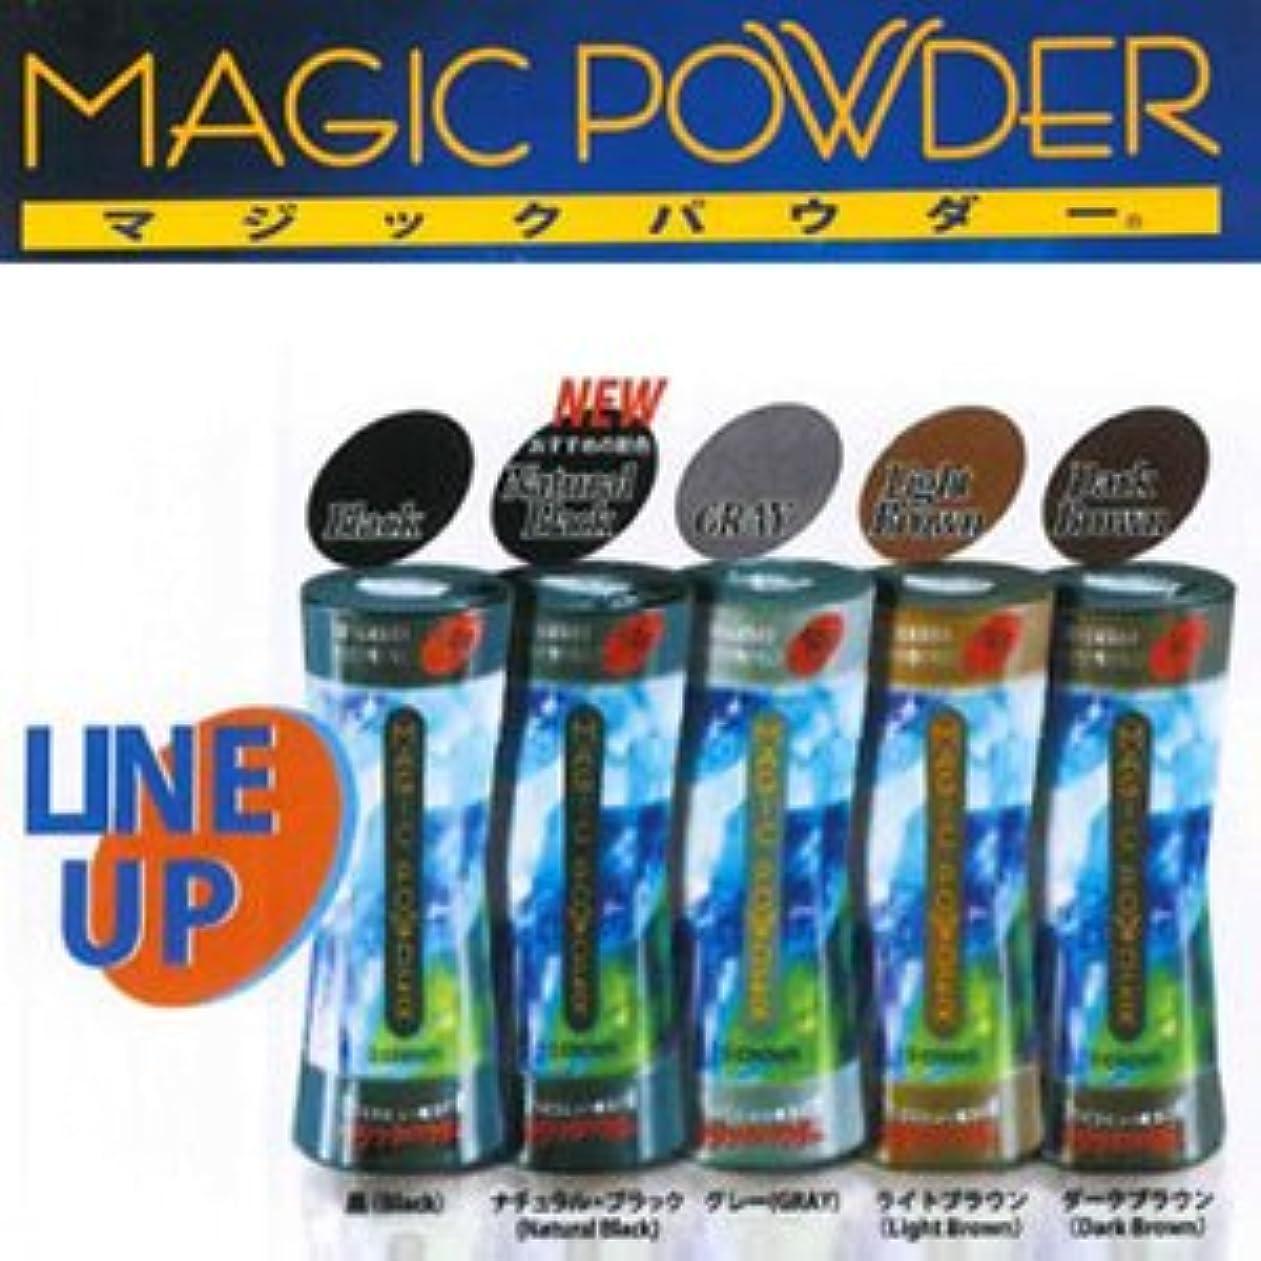 スペイン争い偽物MAGIC POWDER マジックパウダー ナチュラル?ブラック 50g 2個セット ※貴方の髪を簡単ボリュームアップ!